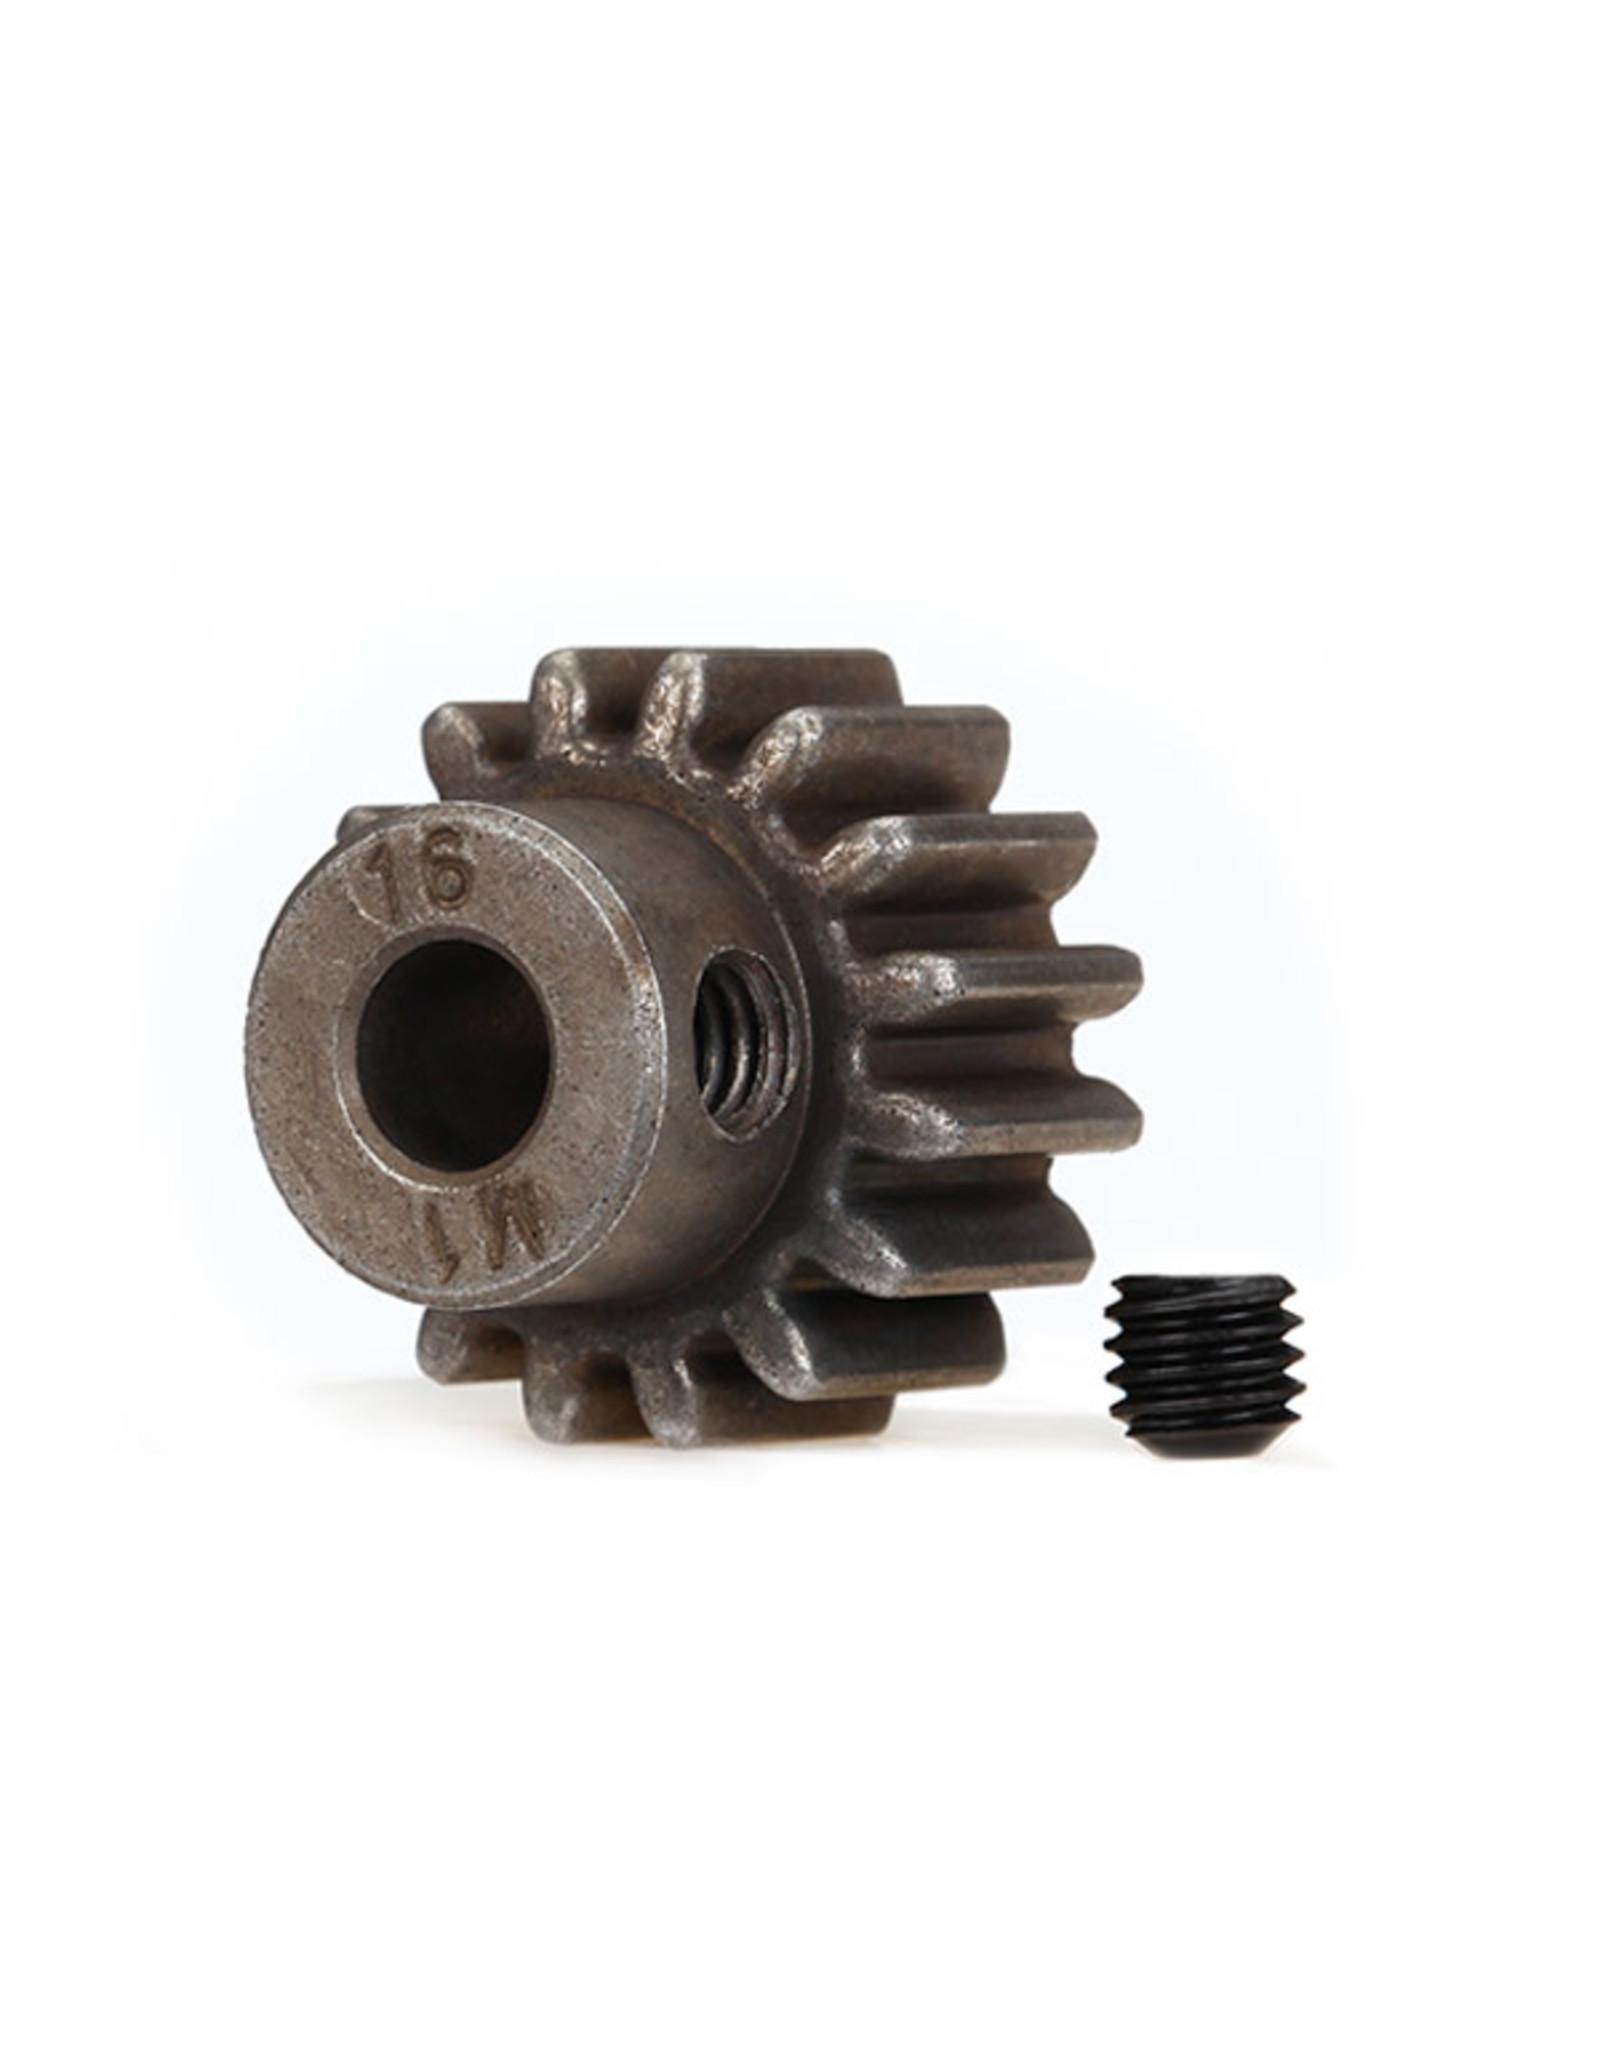 Traxxas 6489X - Hardened Steel Mod 1.0 Pinion Gear w/5mm Bore (16T)